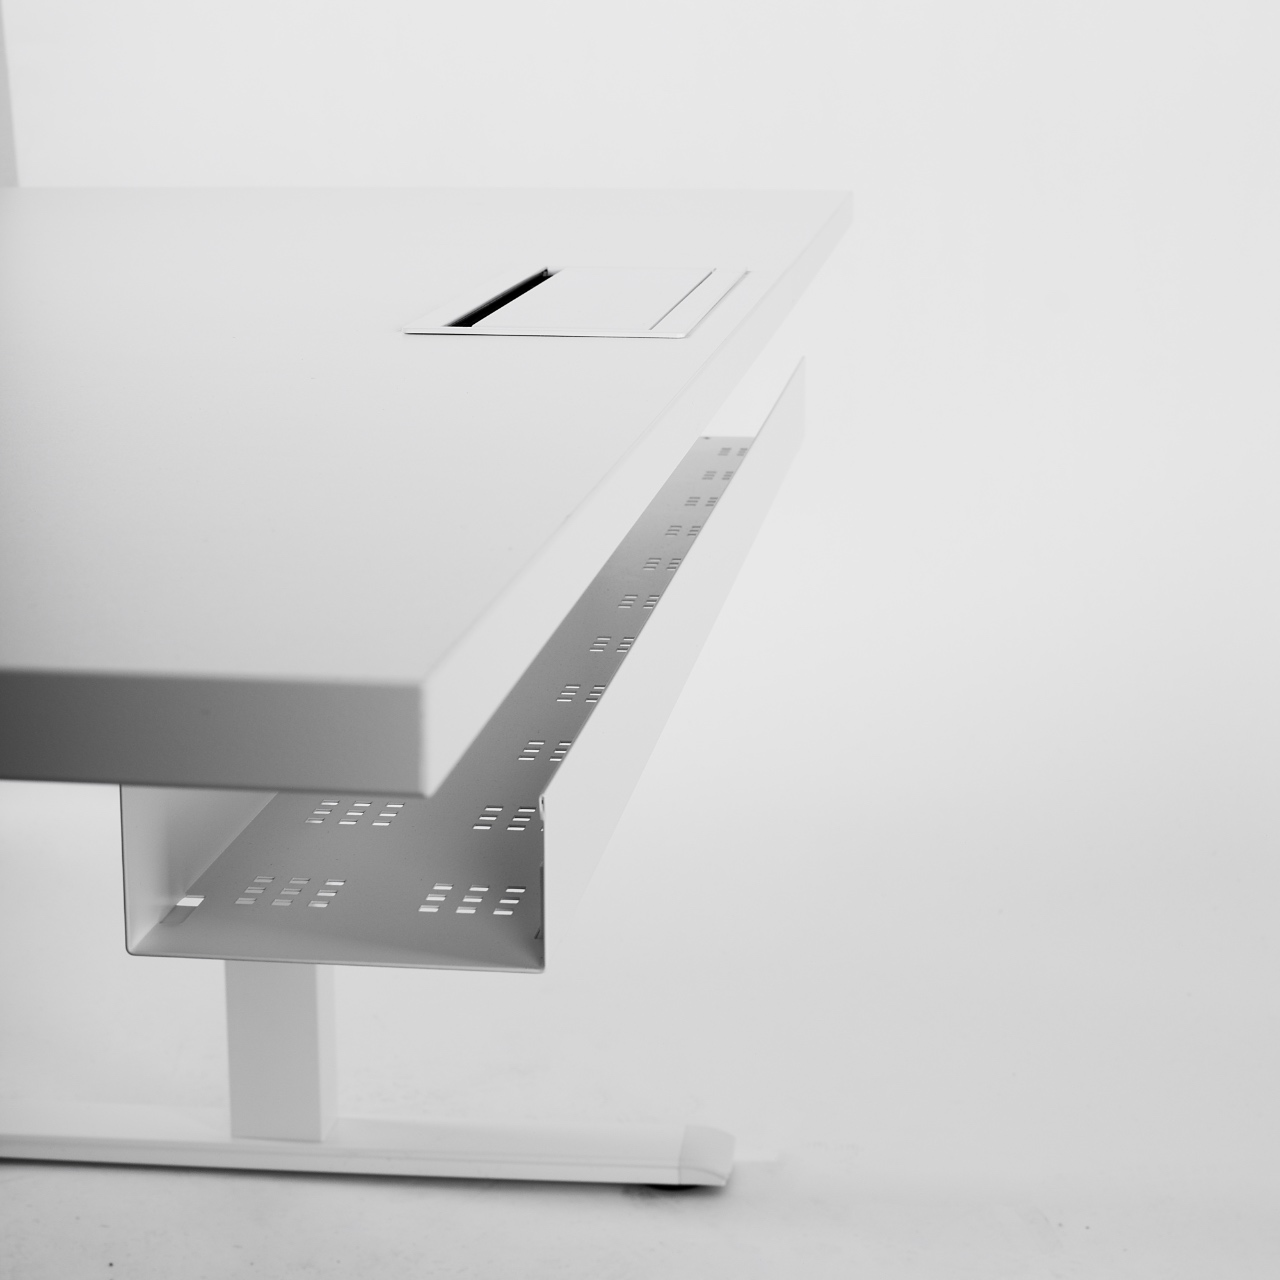 LLaidų nuvedimo kanalas || Biuro baldai || Biuro stalas || Pakeliamas stalas || Darbo kėdės